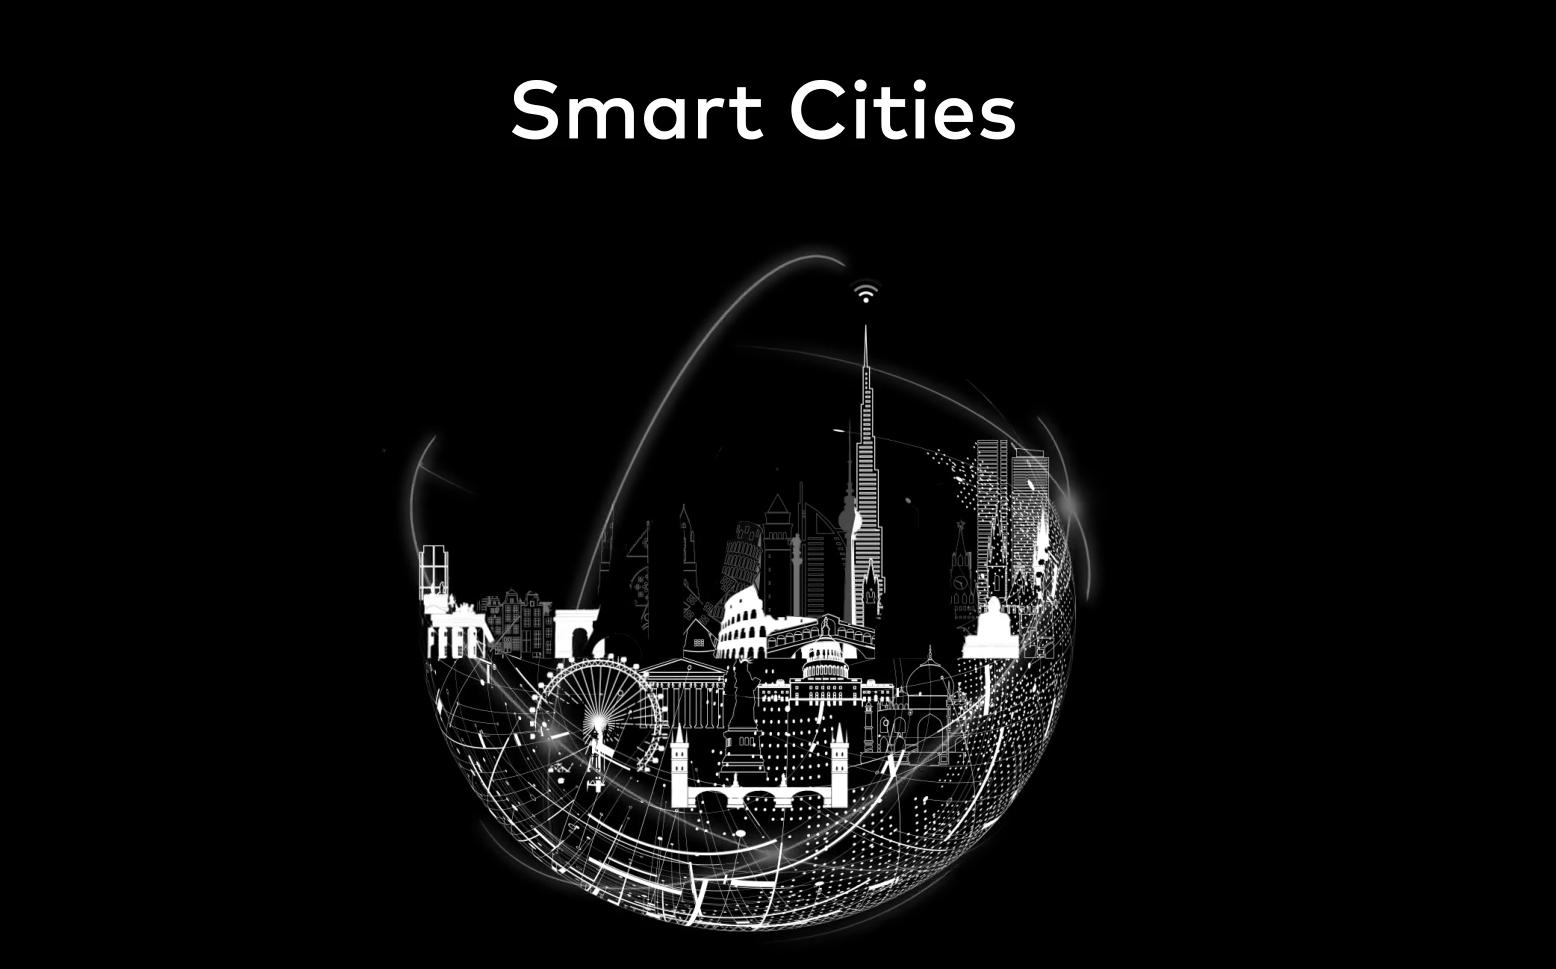 mc-smartcities01